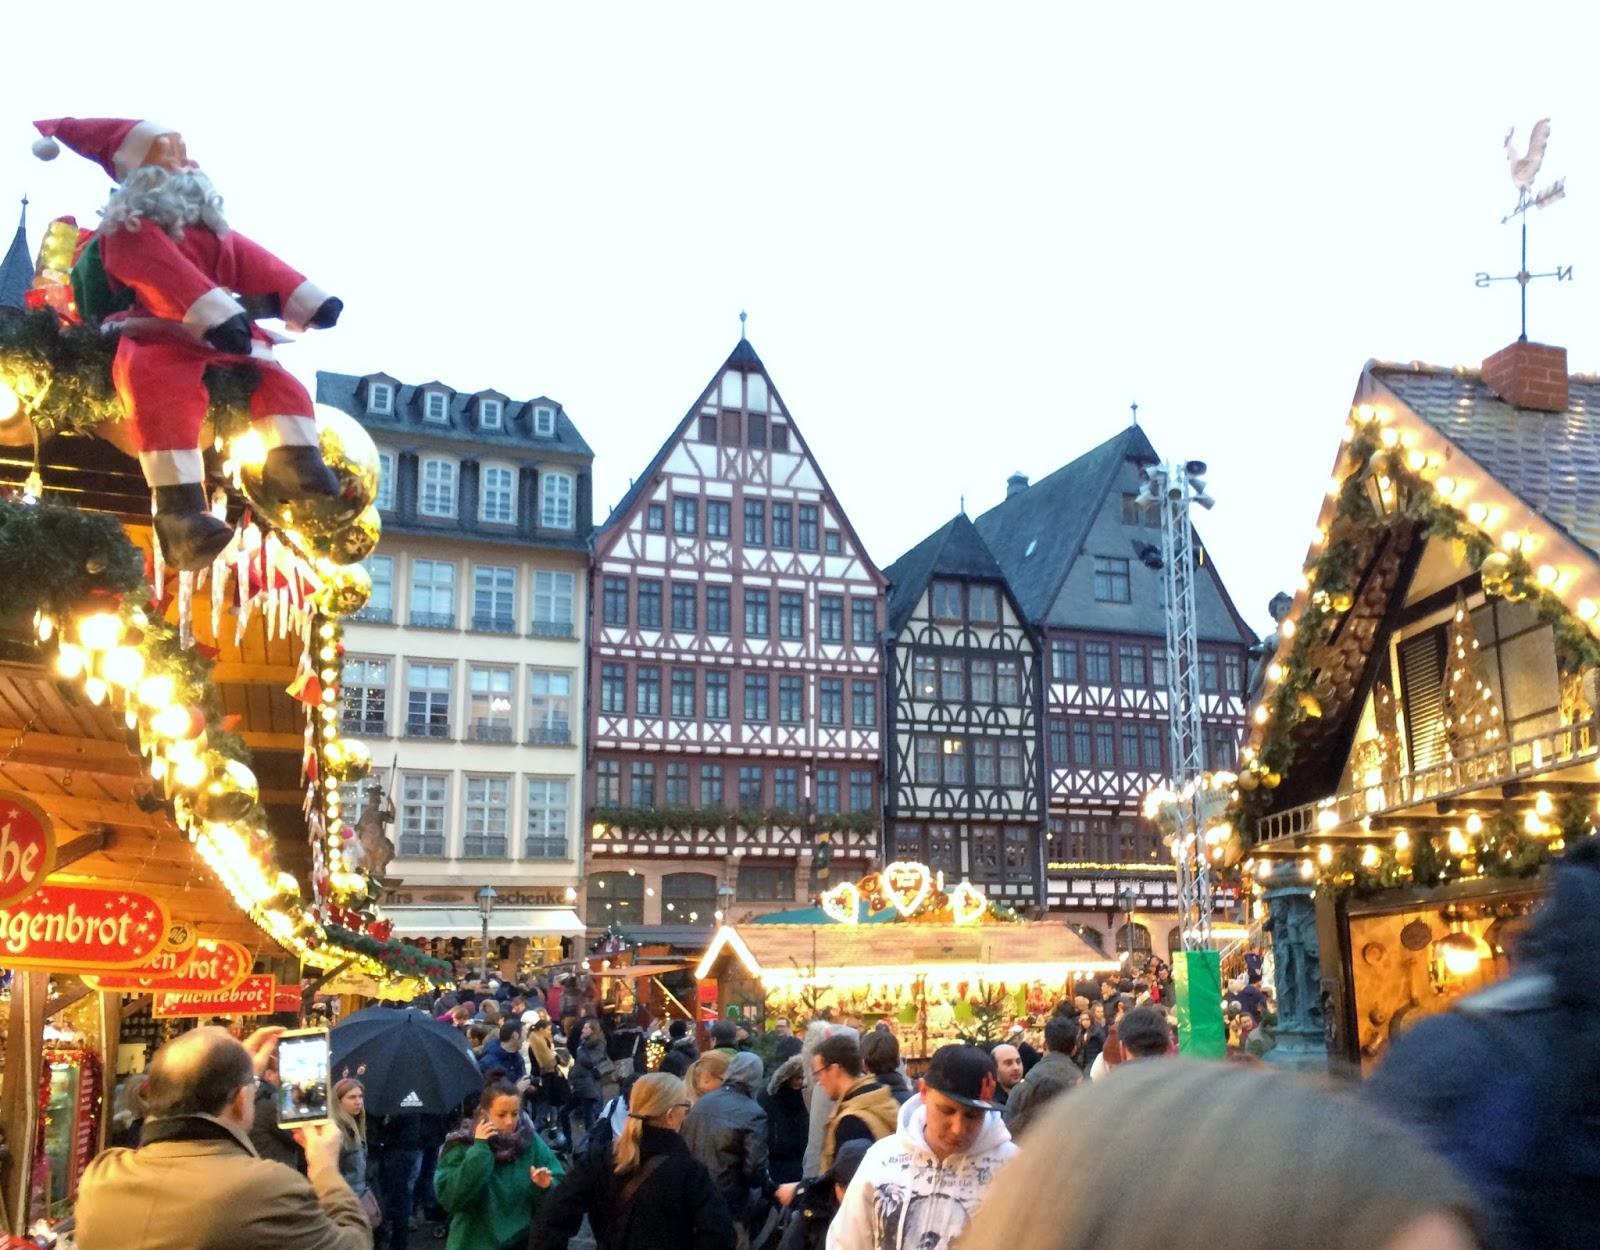 Guten Tag: Weihnachten in Deutschland - Part I